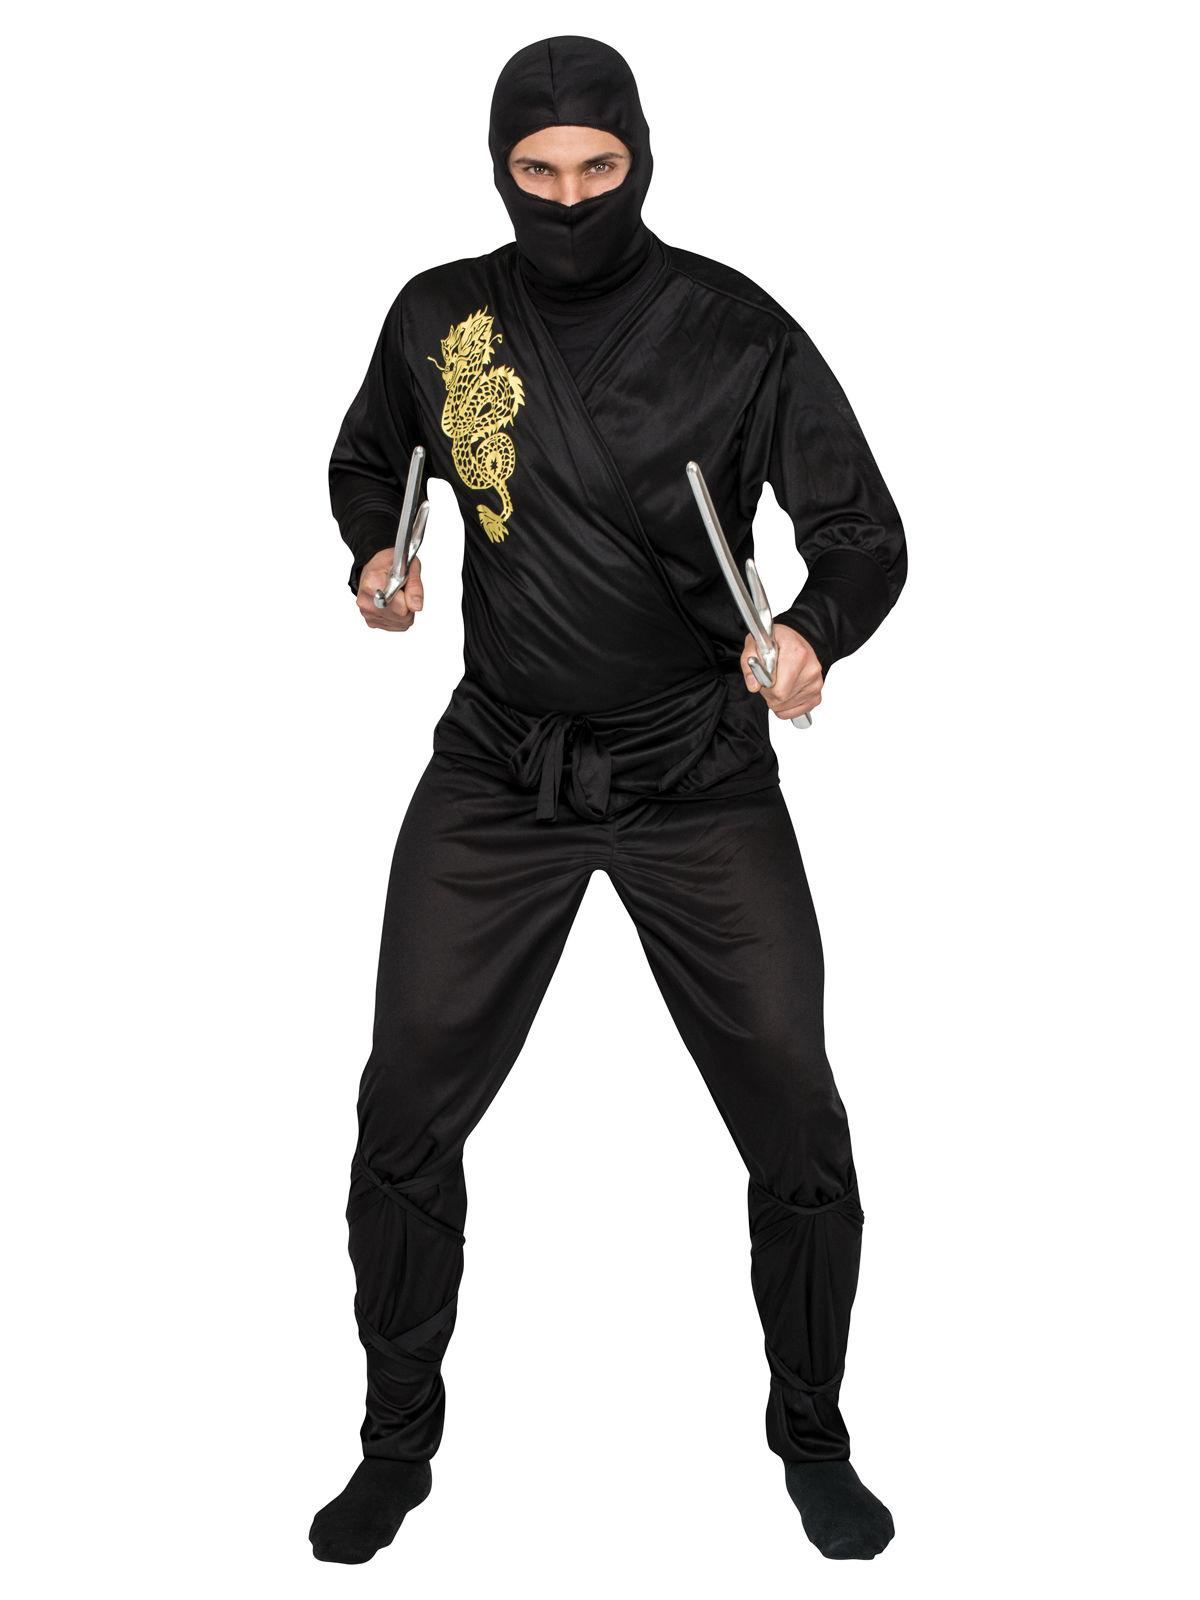 559f210831e64 Déguisement ninja noir et doré adulte   Deguise-toi